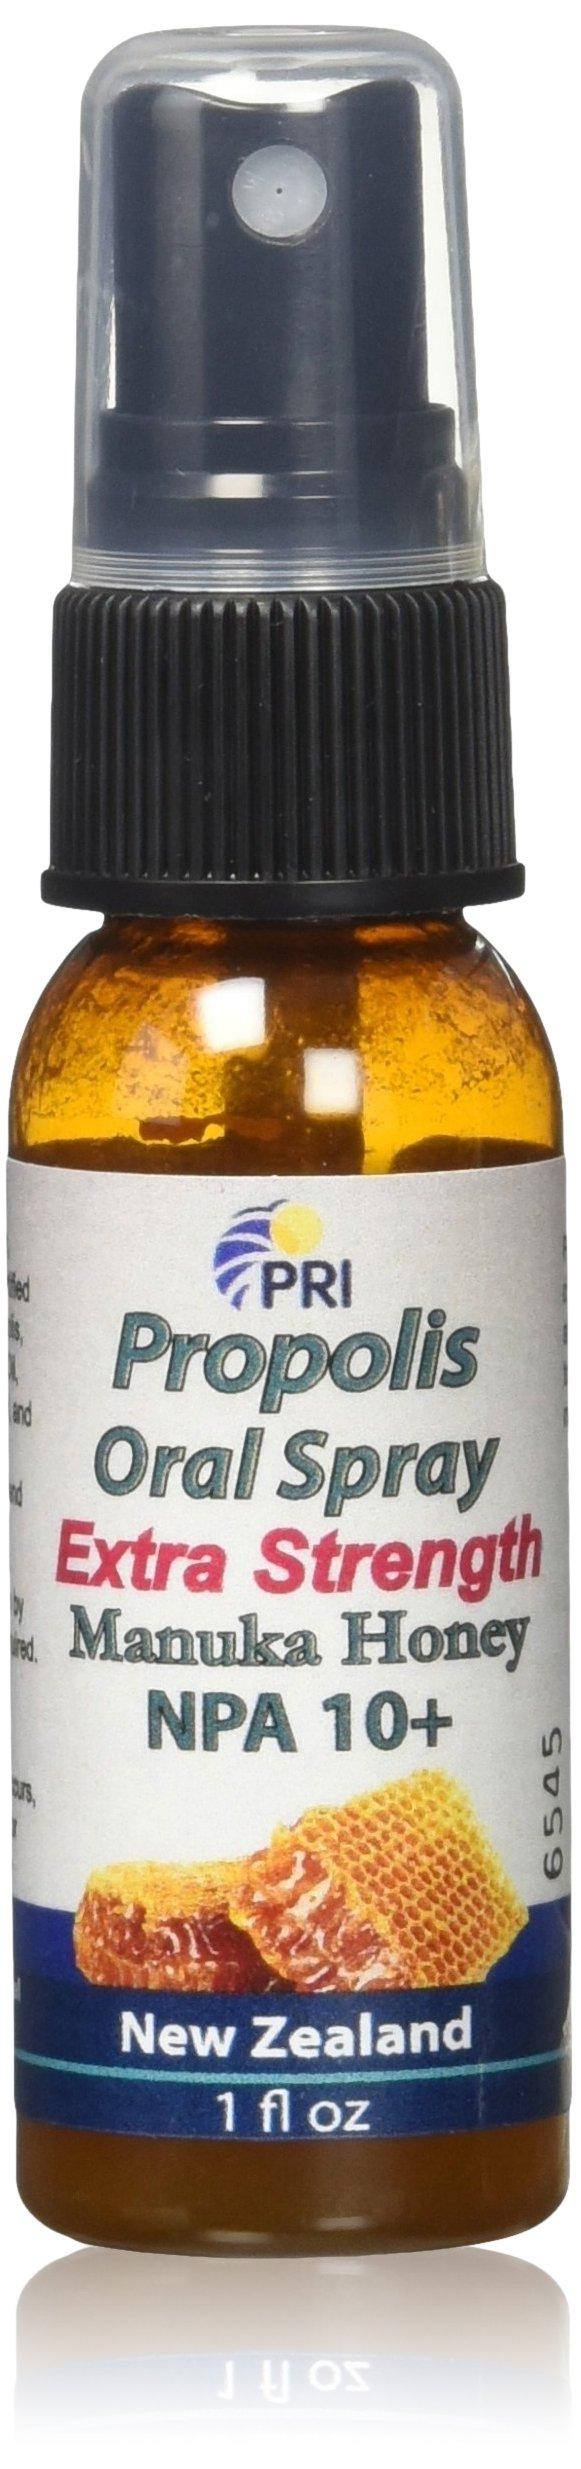 PRI Propolis Manuka Honey Oral Spray 1oz